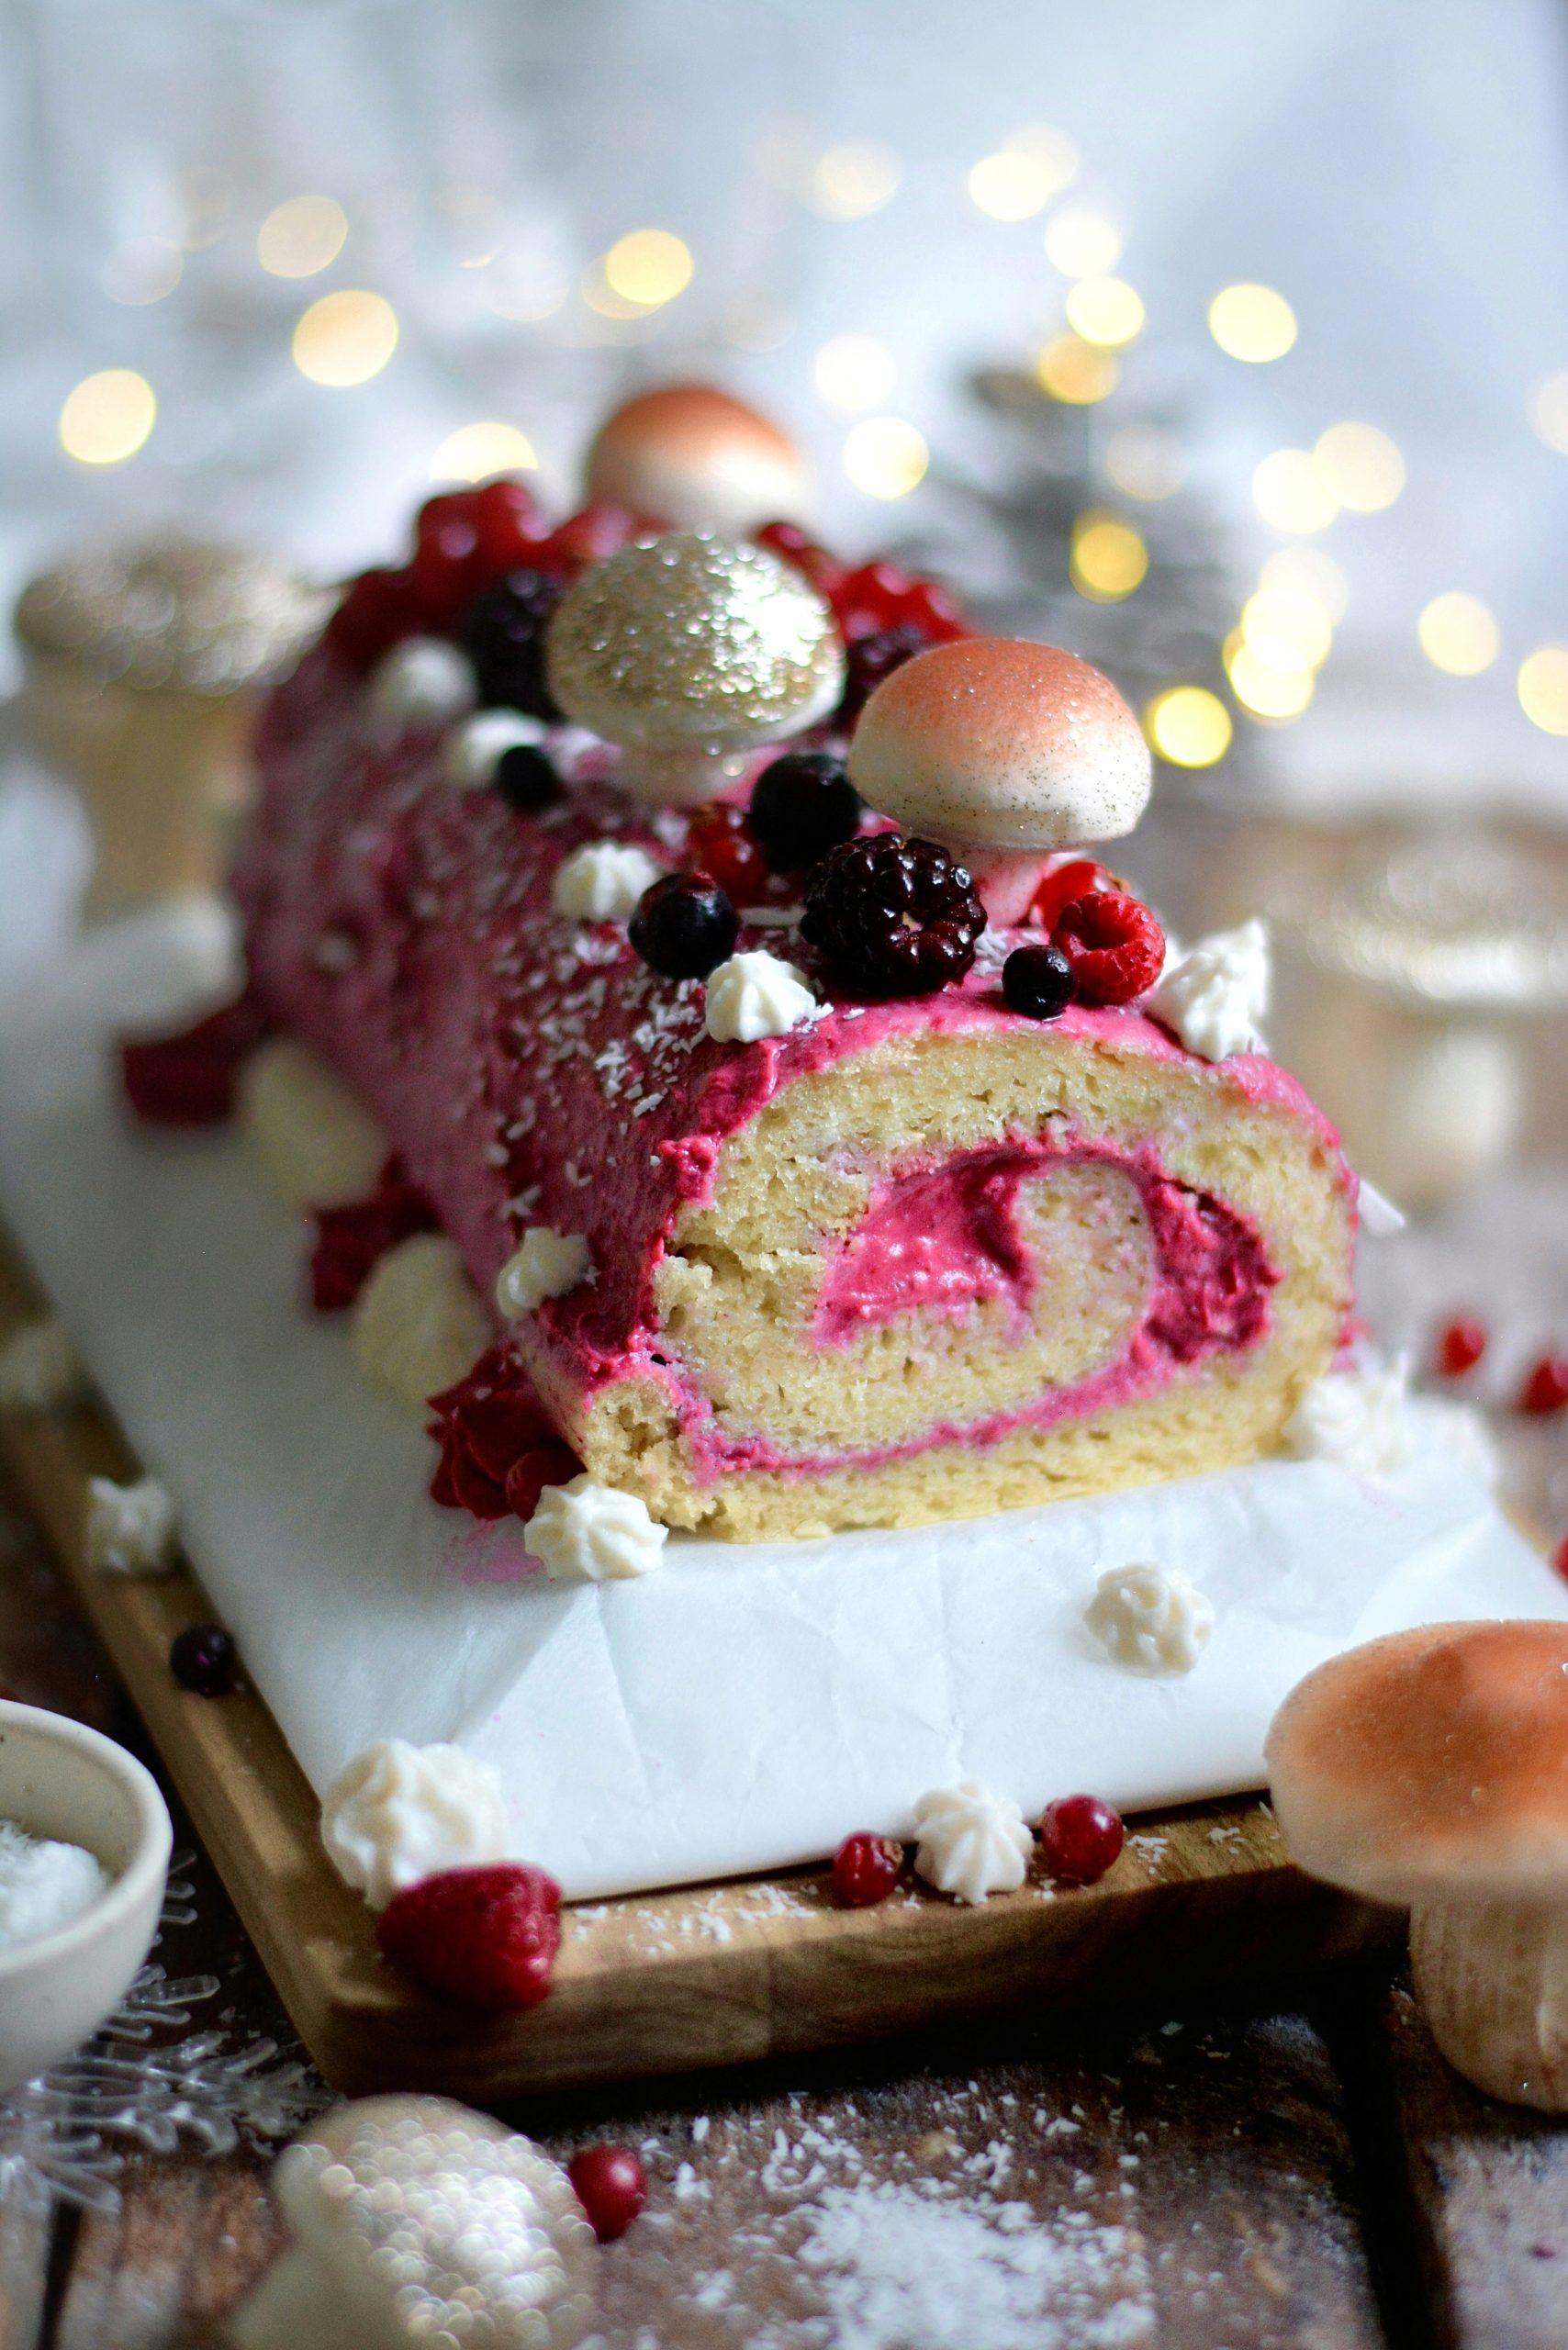 Bûche de Noël Vegan aux Fruits Rouges et Grand Marnier / Vegan Mixed Berries and Grand Marnier Yule Log